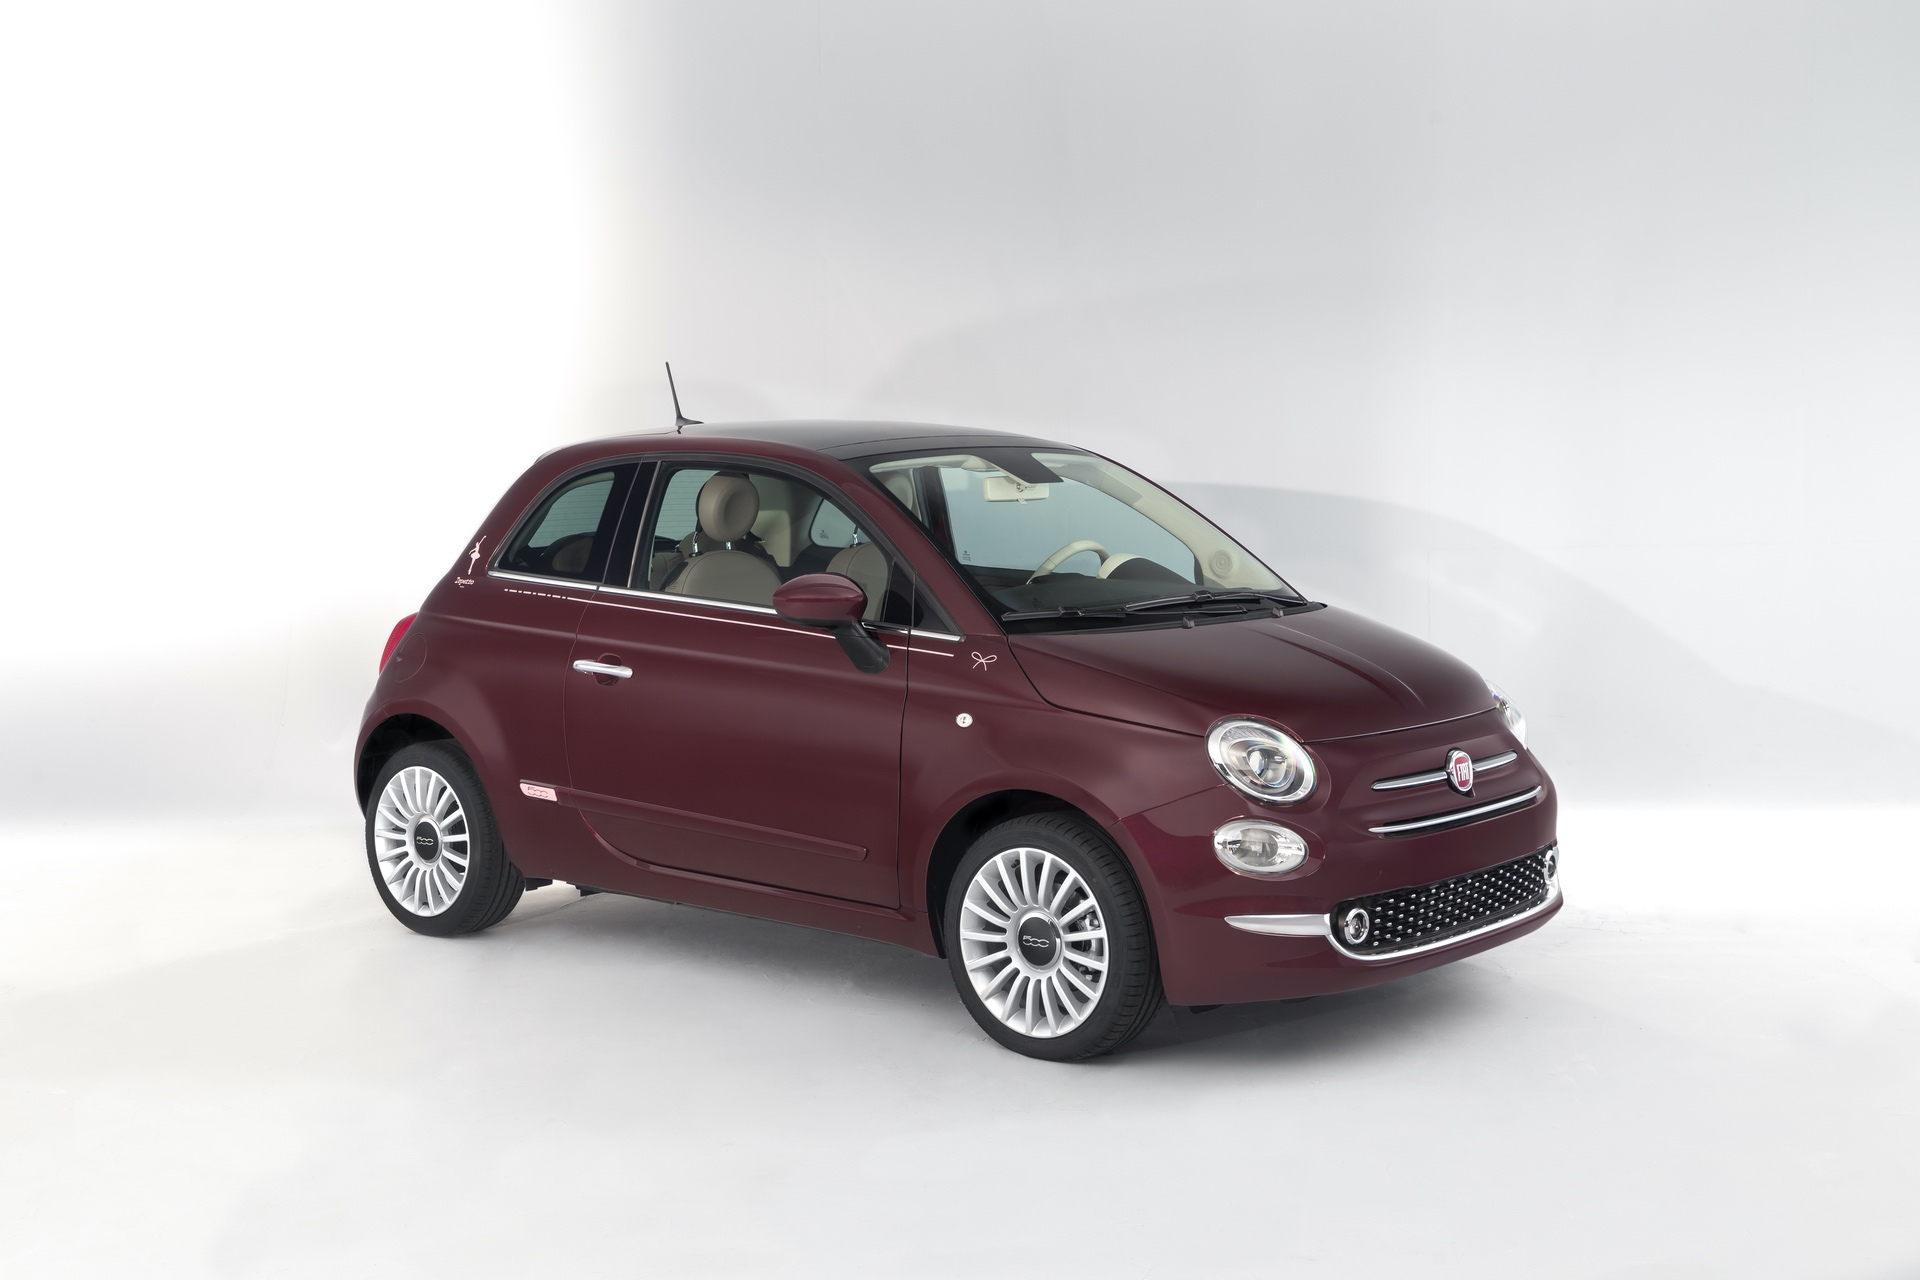 Fiat_500_Repetto_0029